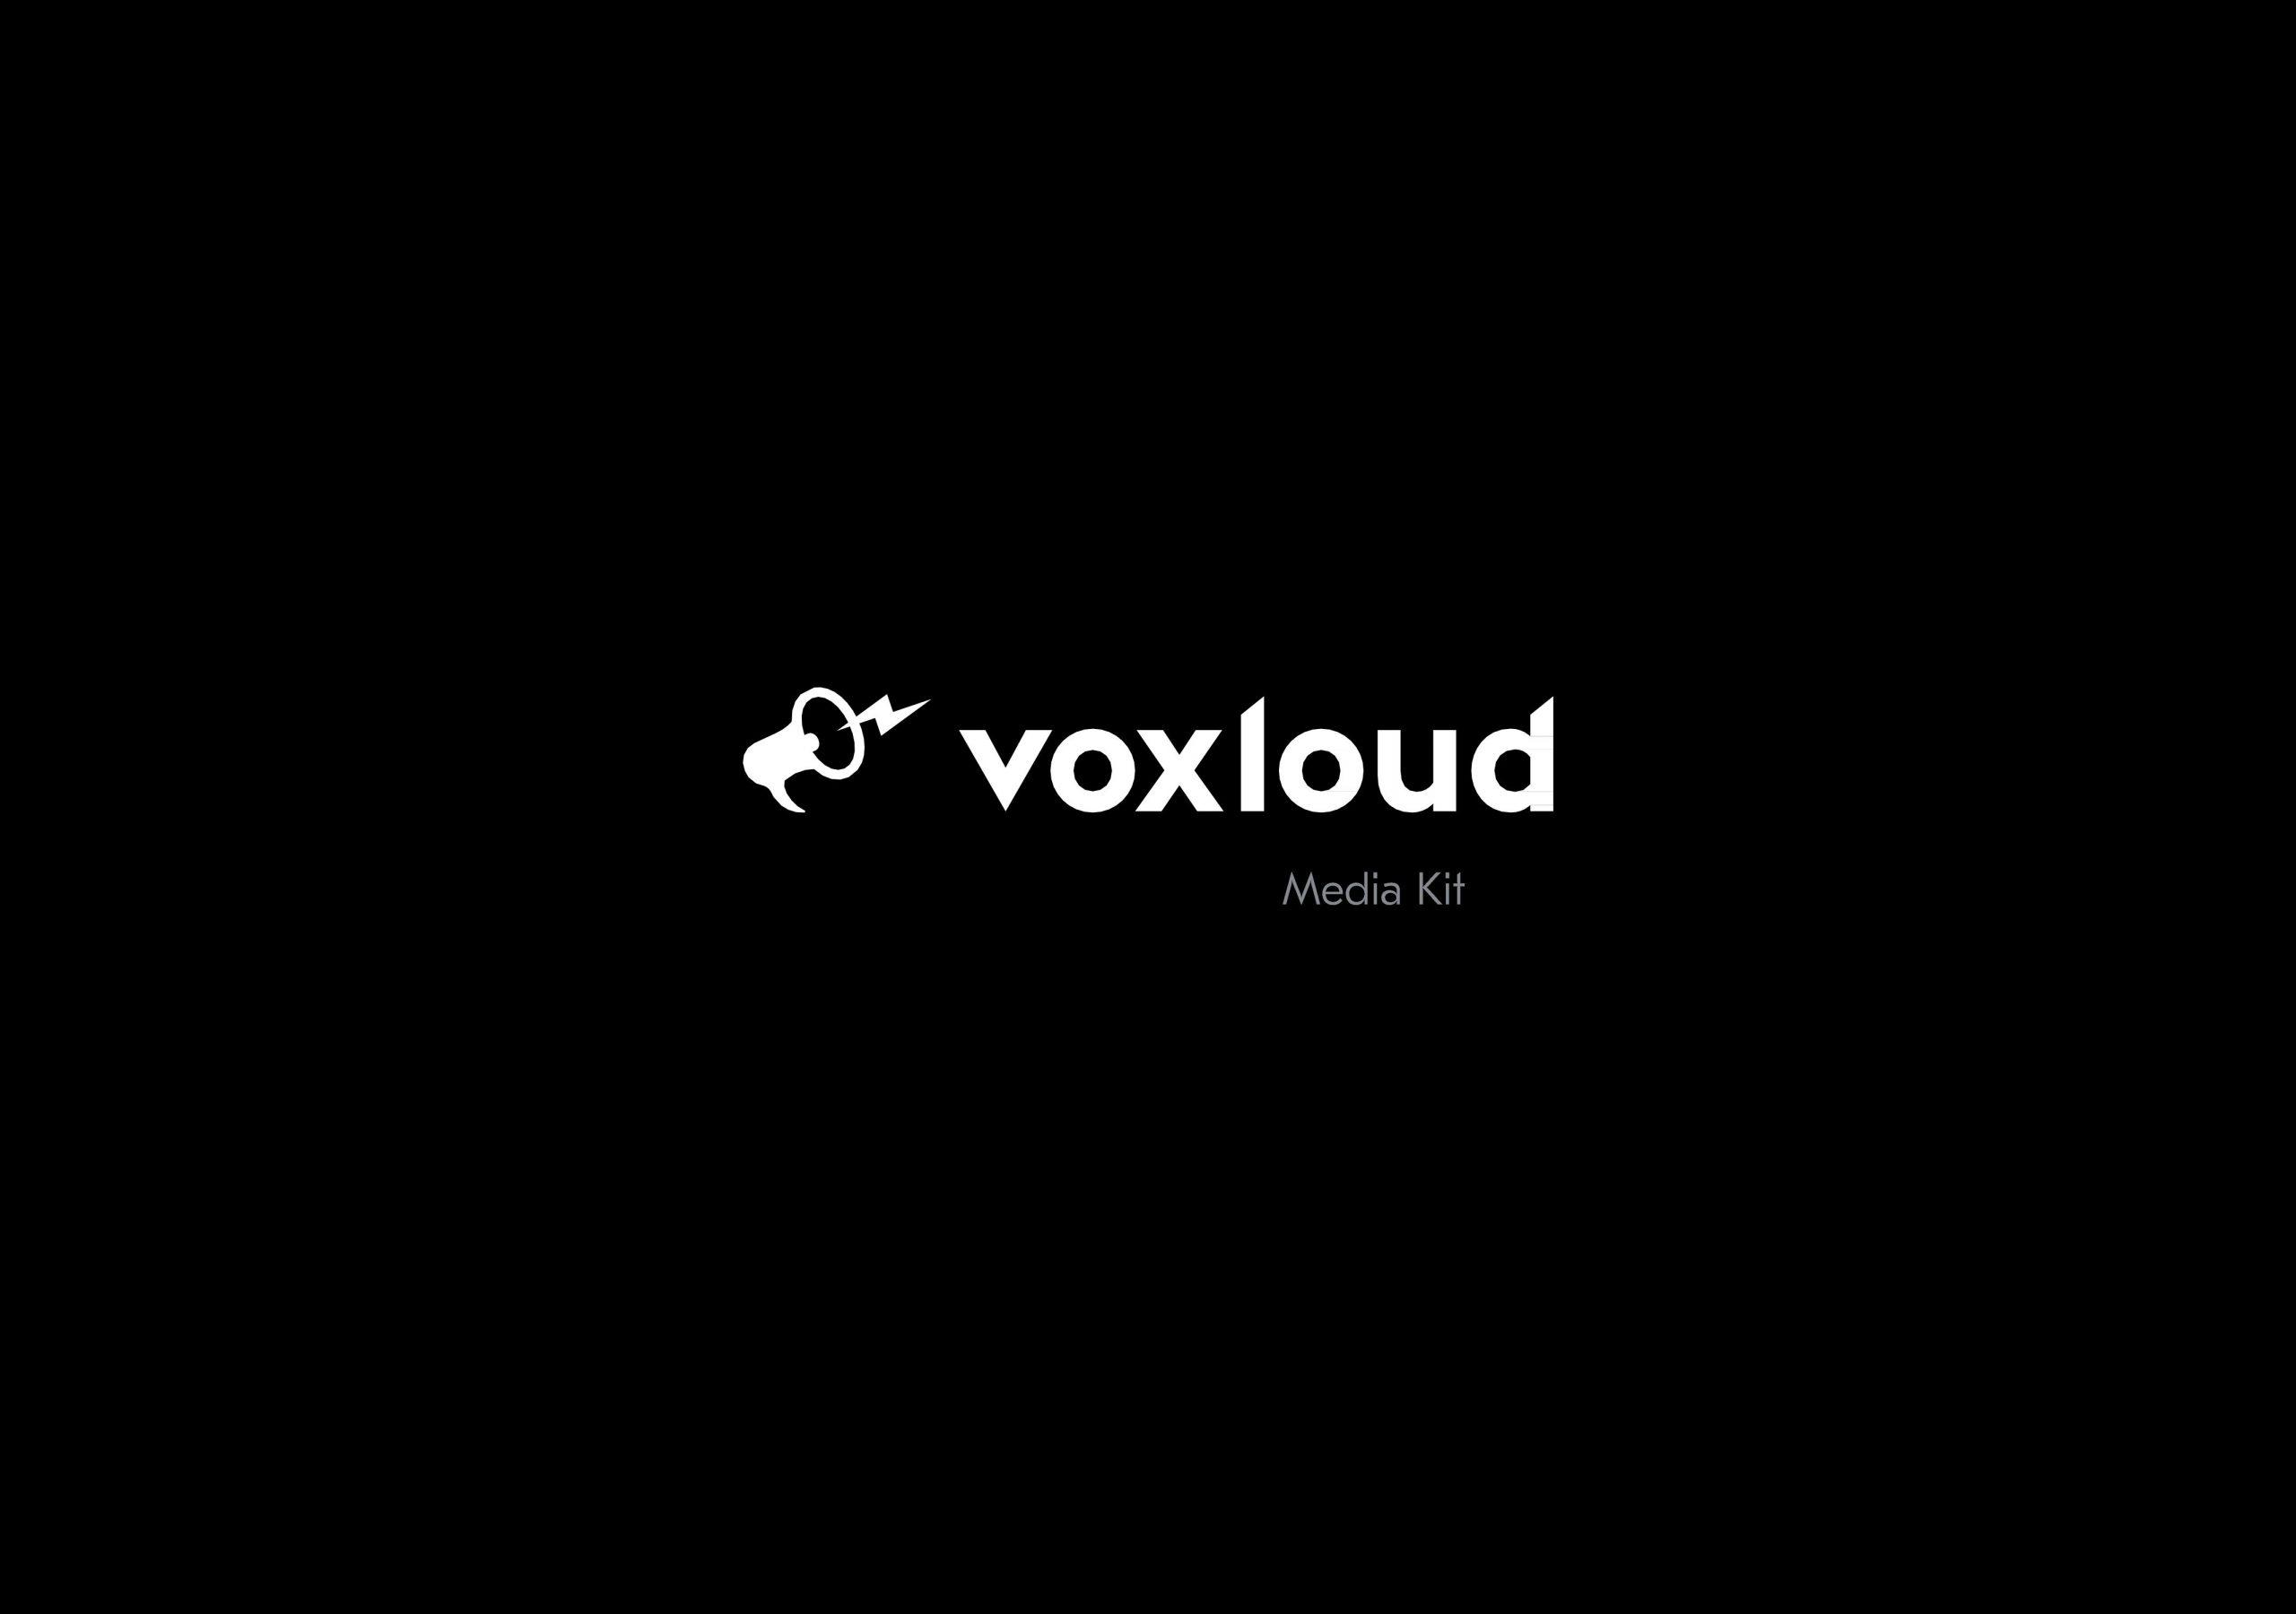 Voxloud Media Kit_IT_01